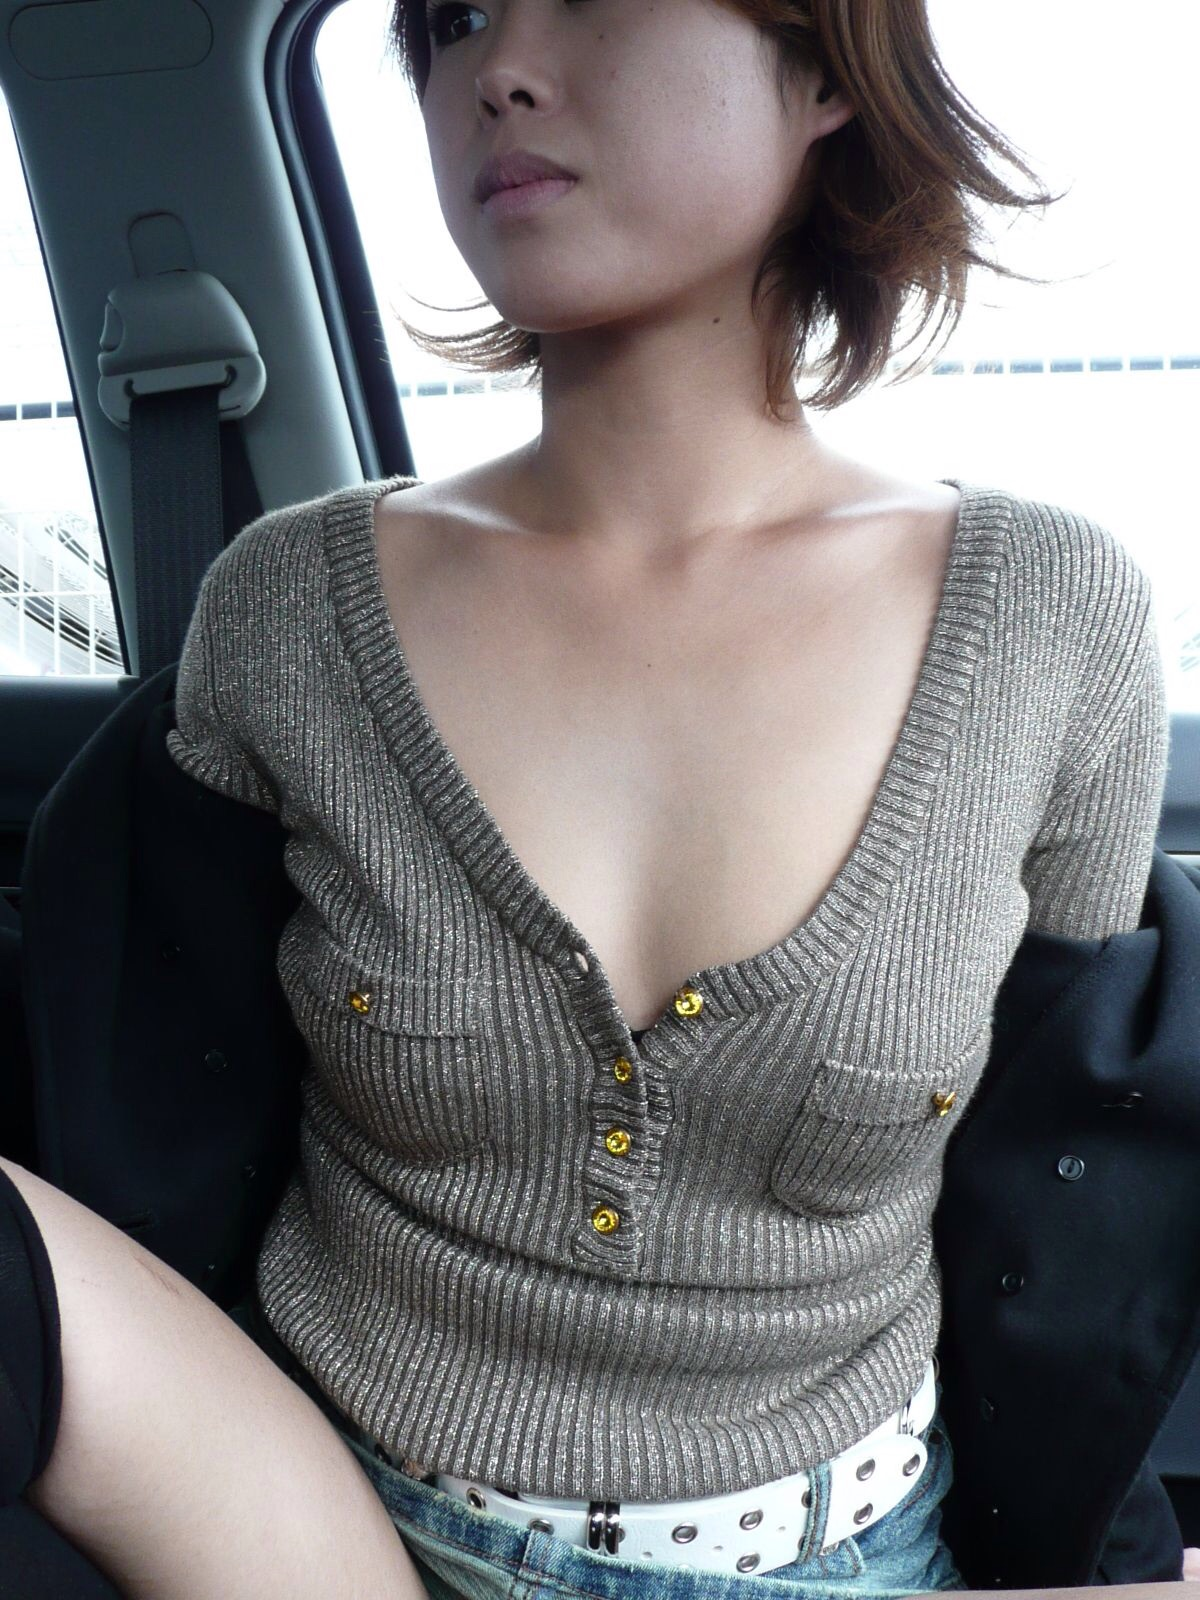 むっちり垂れ乳熟女の車内援交エロ写メ画像流出4枚目